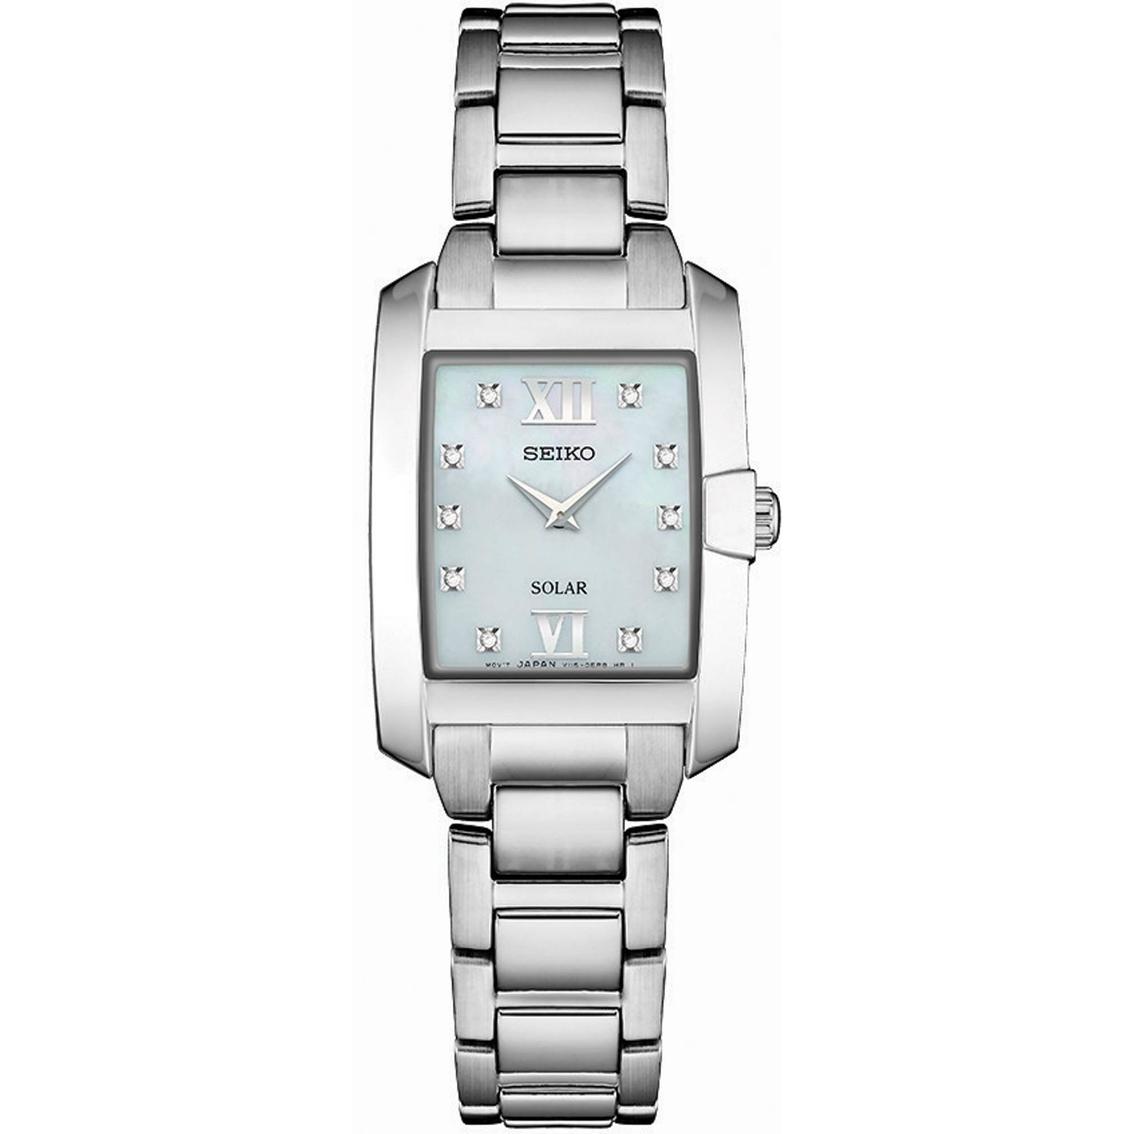 Seiko Women s Rectangular Diamond Accent Solar Watch 24mm Sup37 ... d6b9285bb